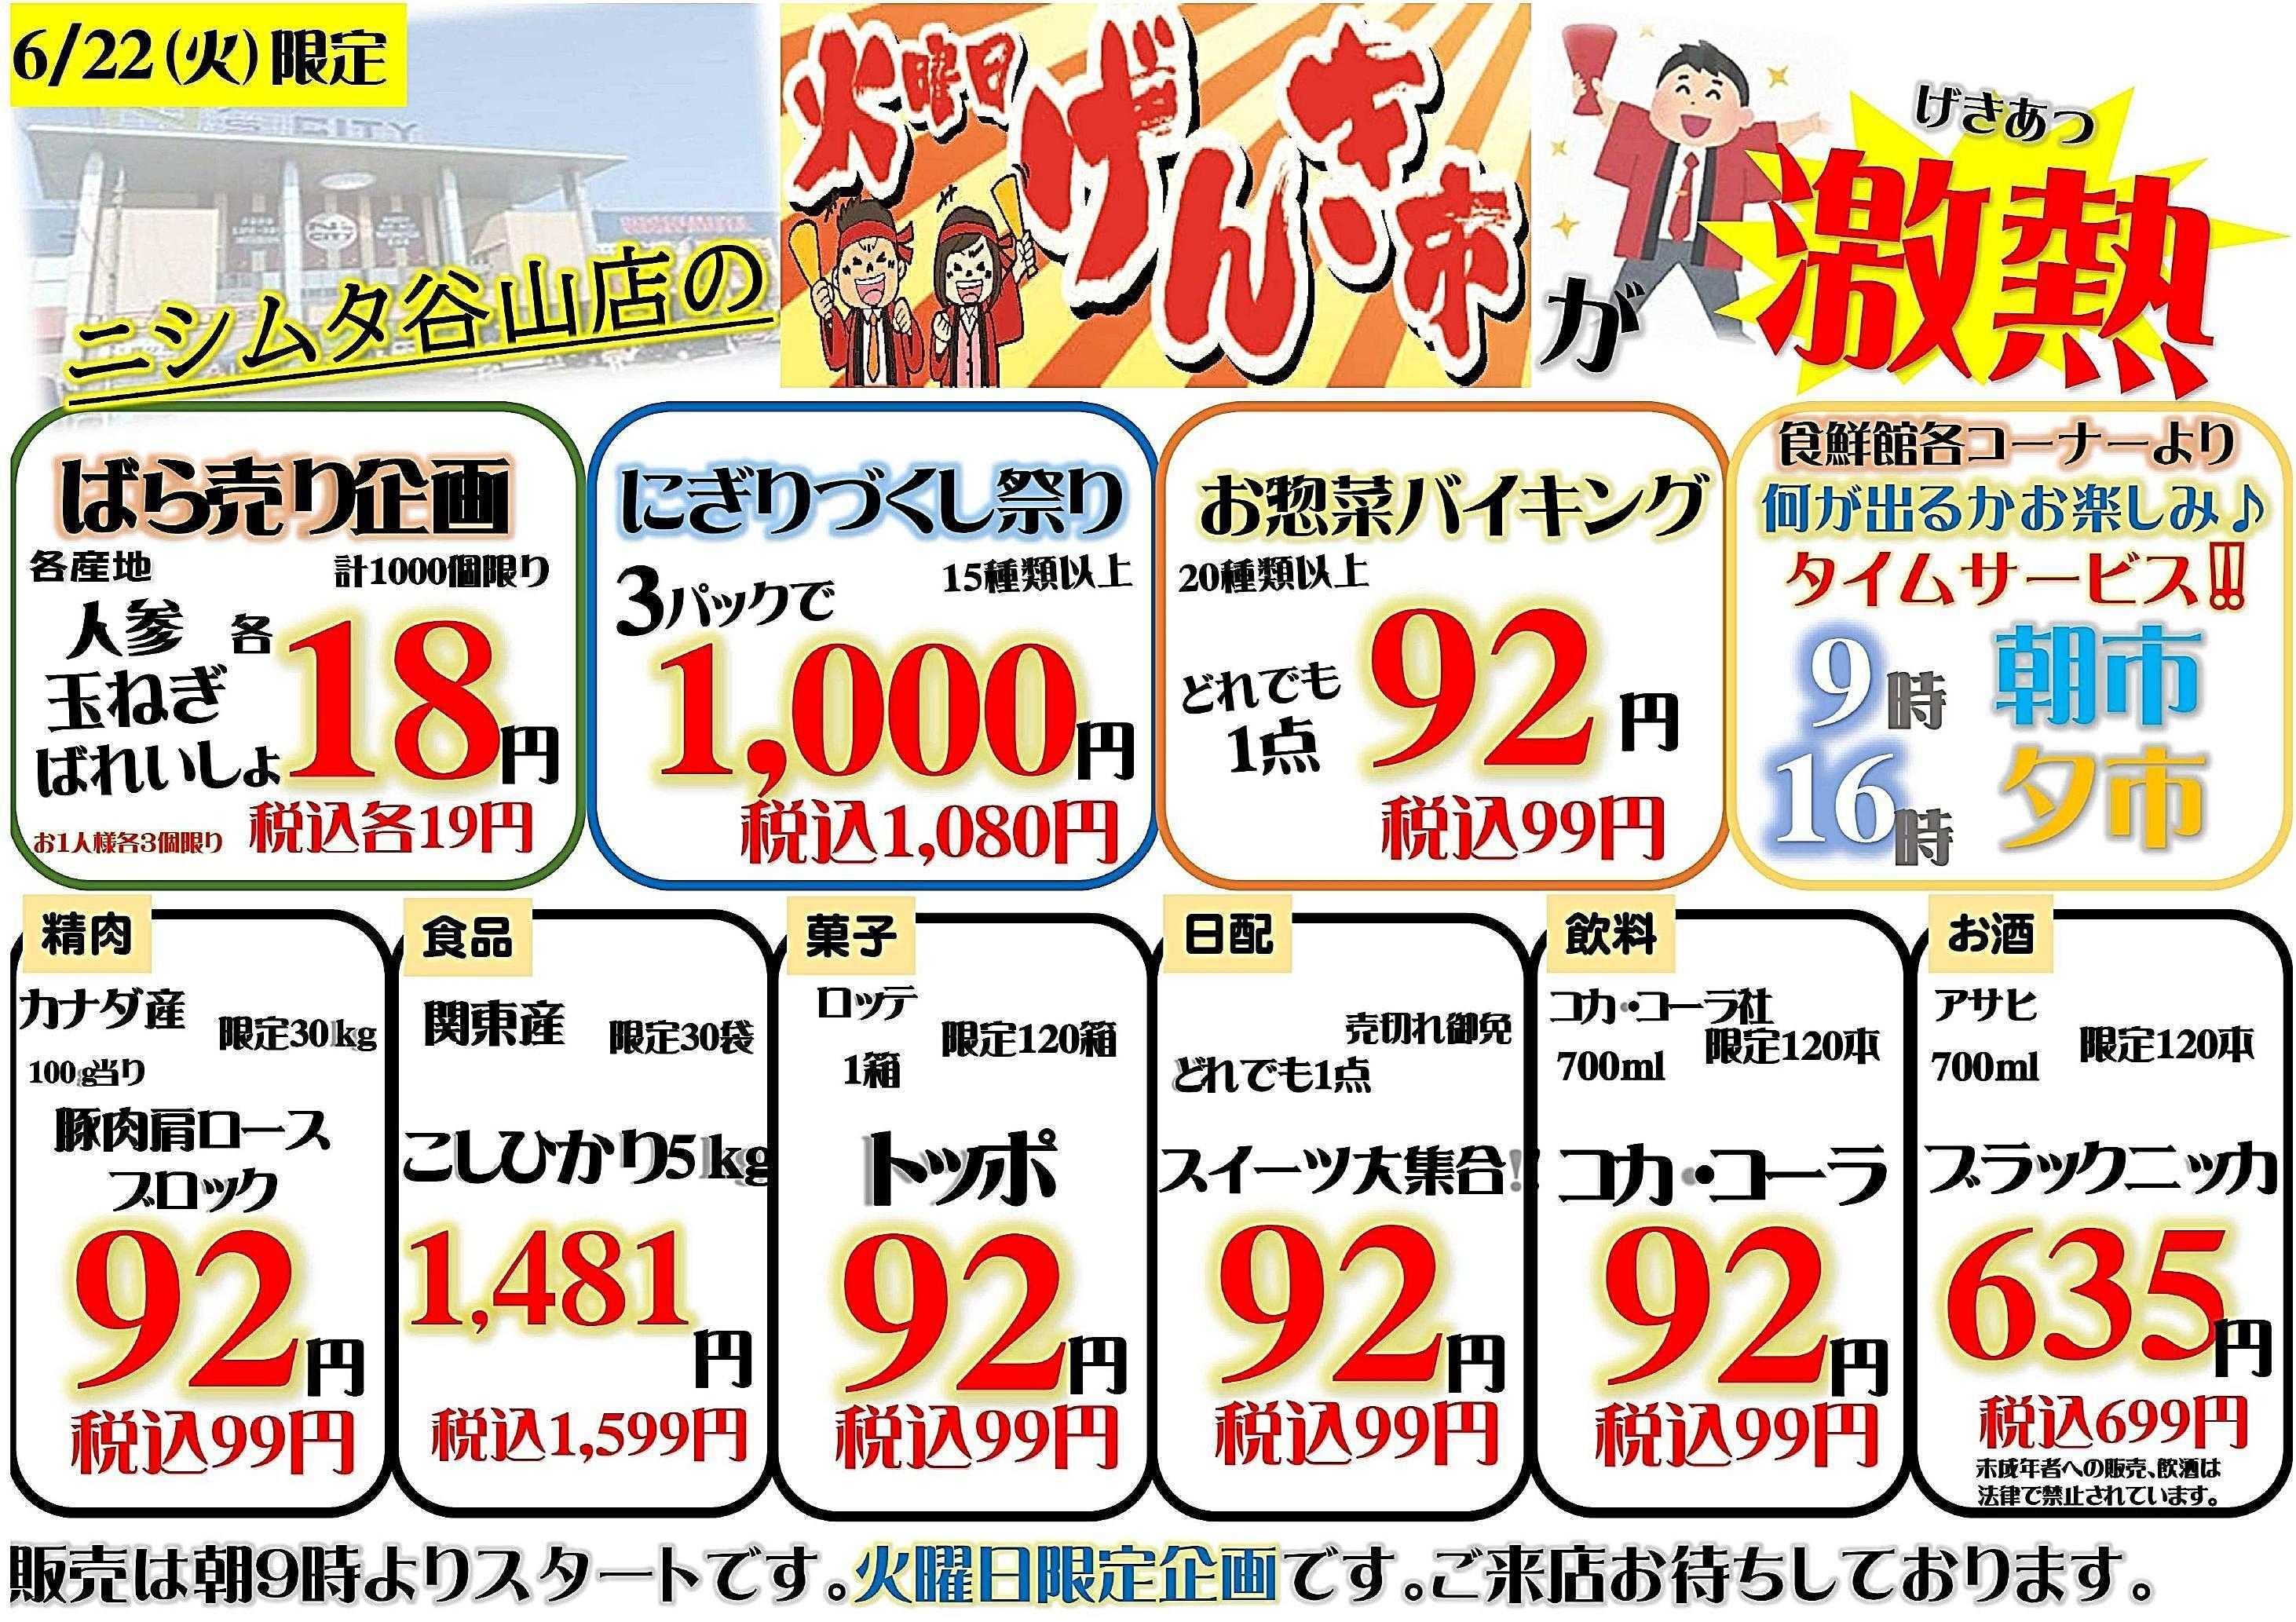 ニシムタ 谷山店のみ「激熱!火曜日げんき市」